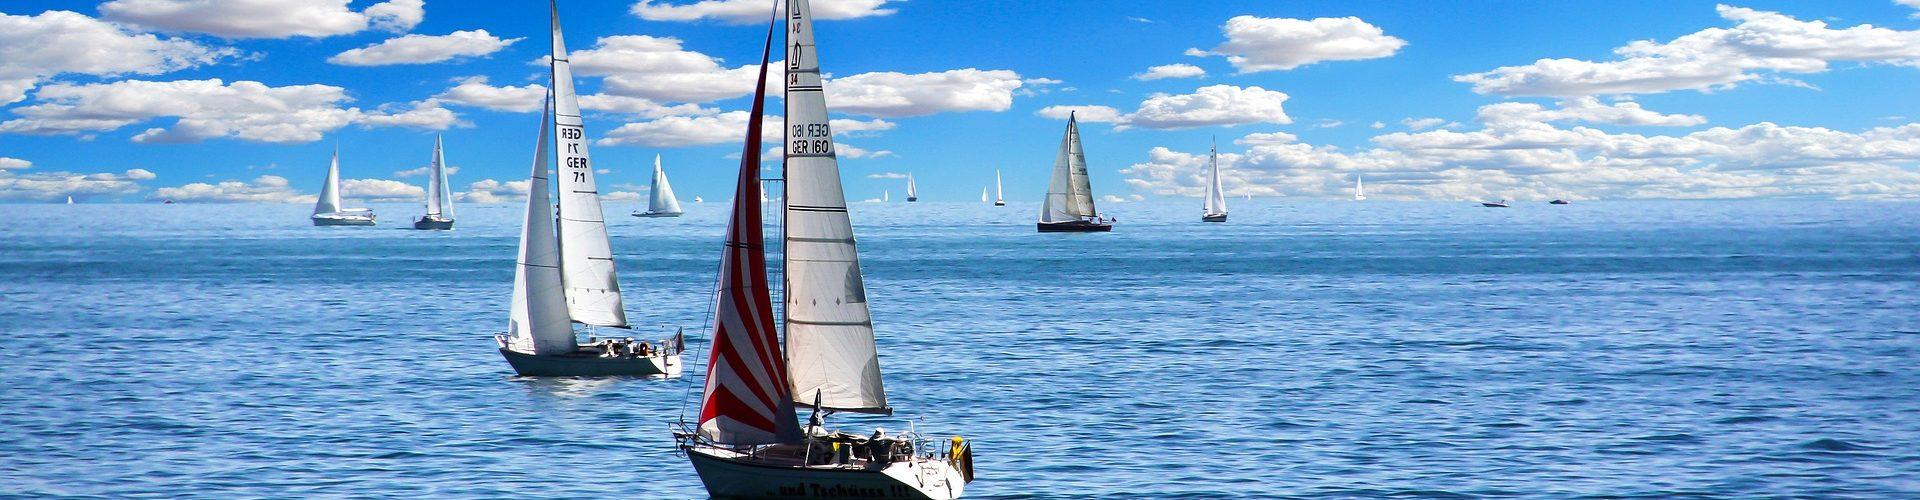 segeln lernen in Sindelfingen segelschein machen in Sindelfingen 1920x500 - Segeln lernen in Sindelfingen